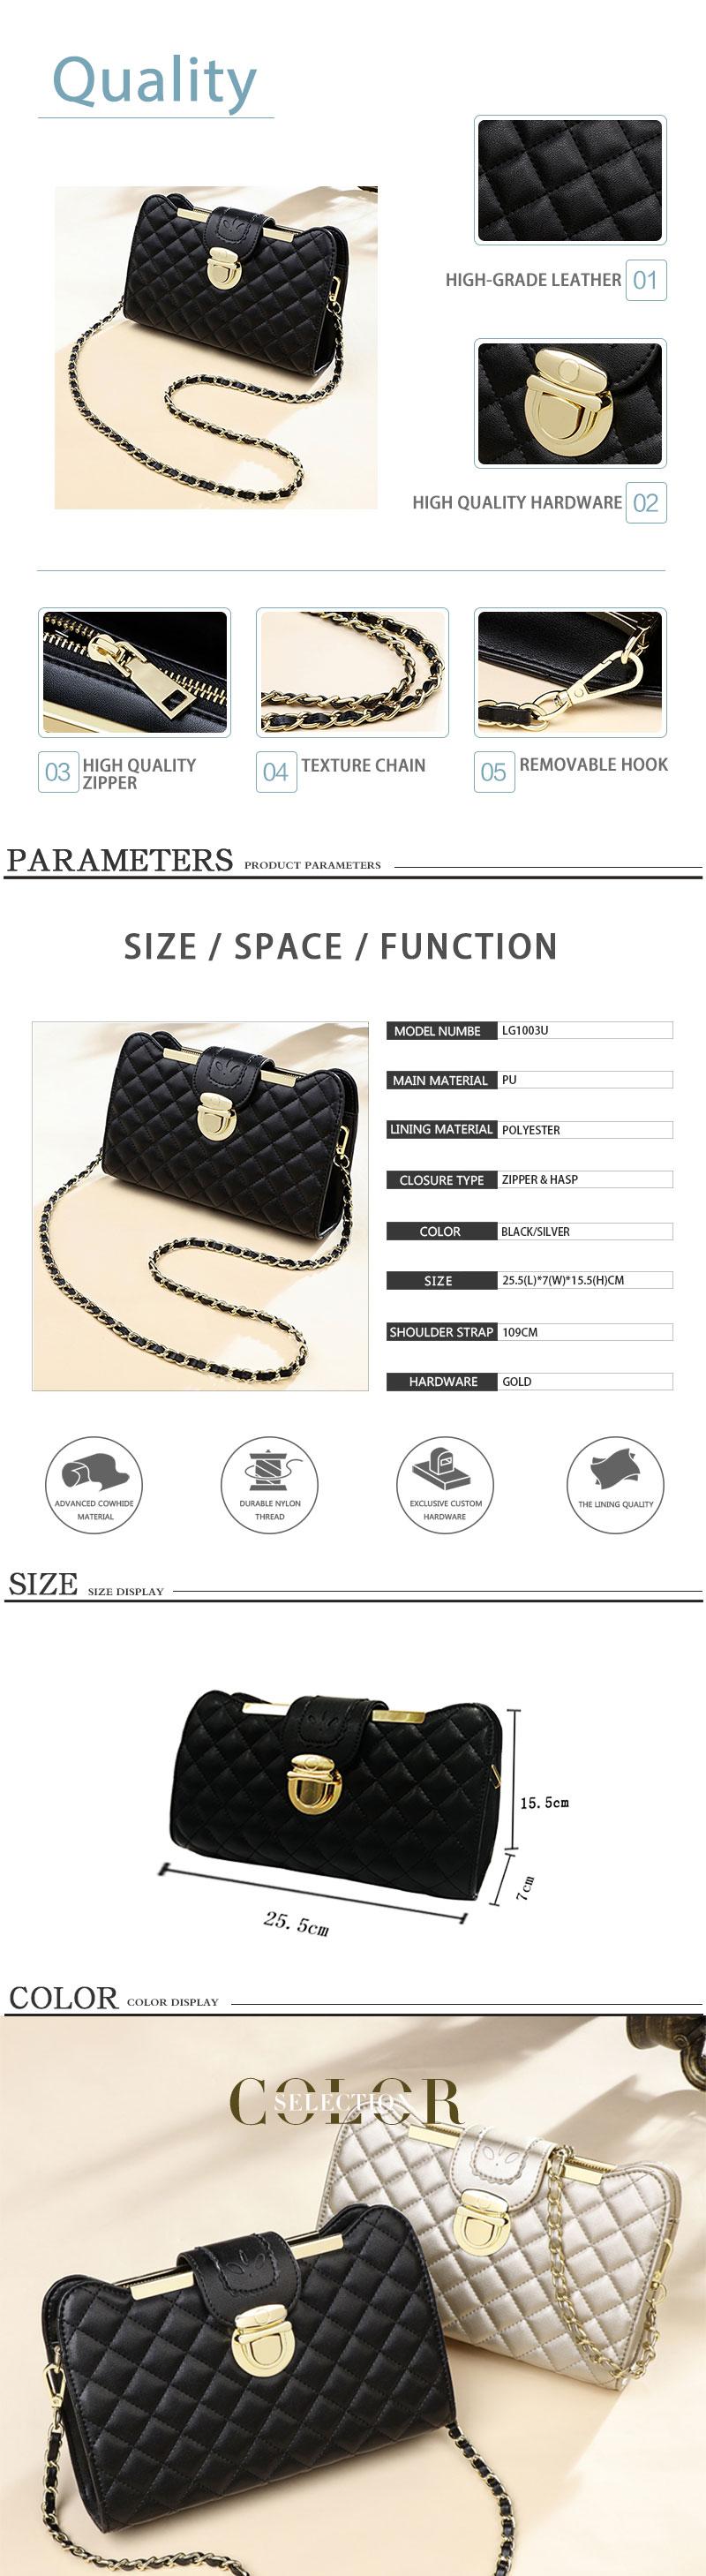 Xiaoniu देवियों Crossbody बैग महिलाओं चैनल पर्स हैंडबैग